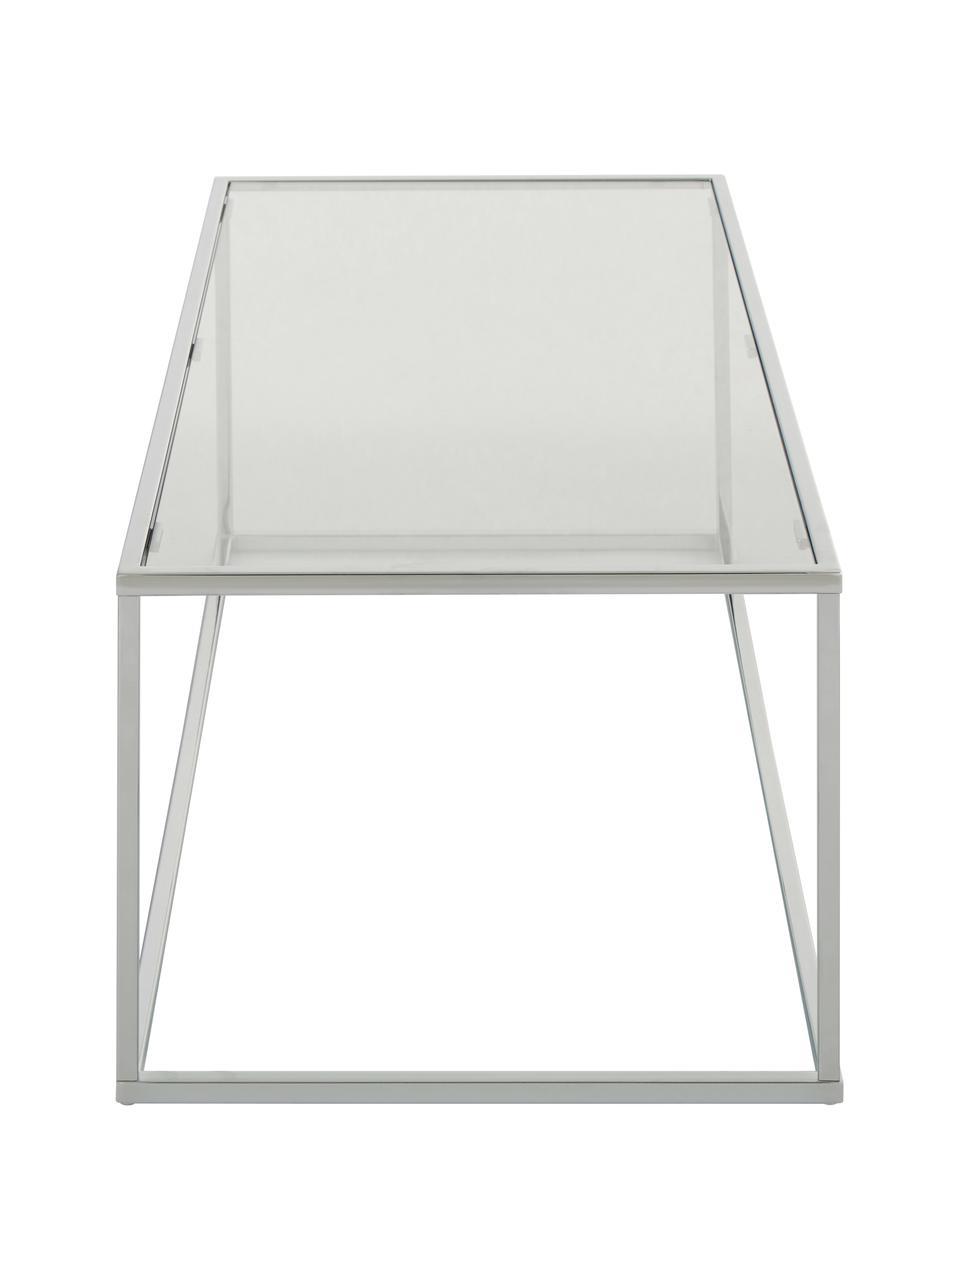 Tavolino da salotto con piano in vetro Maya, Struttura: metallo cromato, Cromo, Larg. 110 x Alt. 36 cm